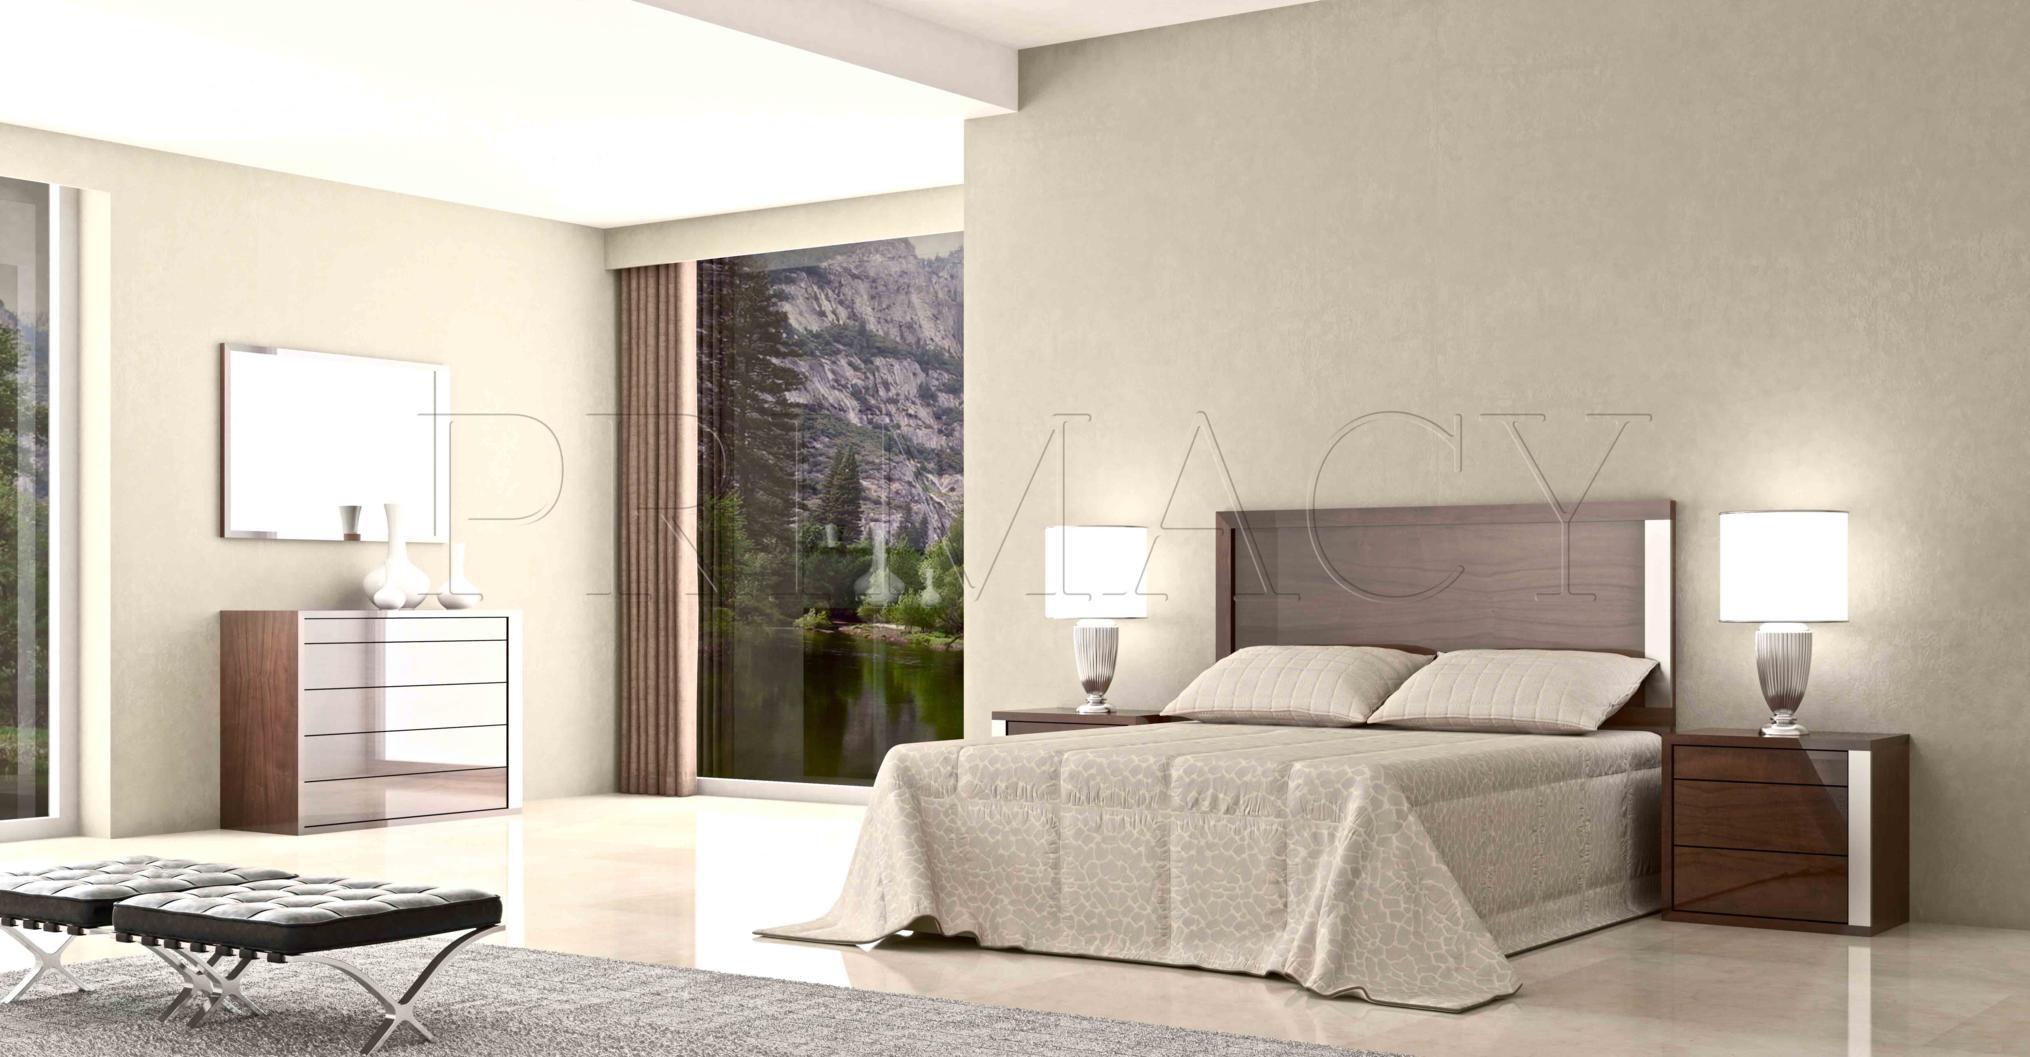 dormitorio de estilo contemporaneo (69)